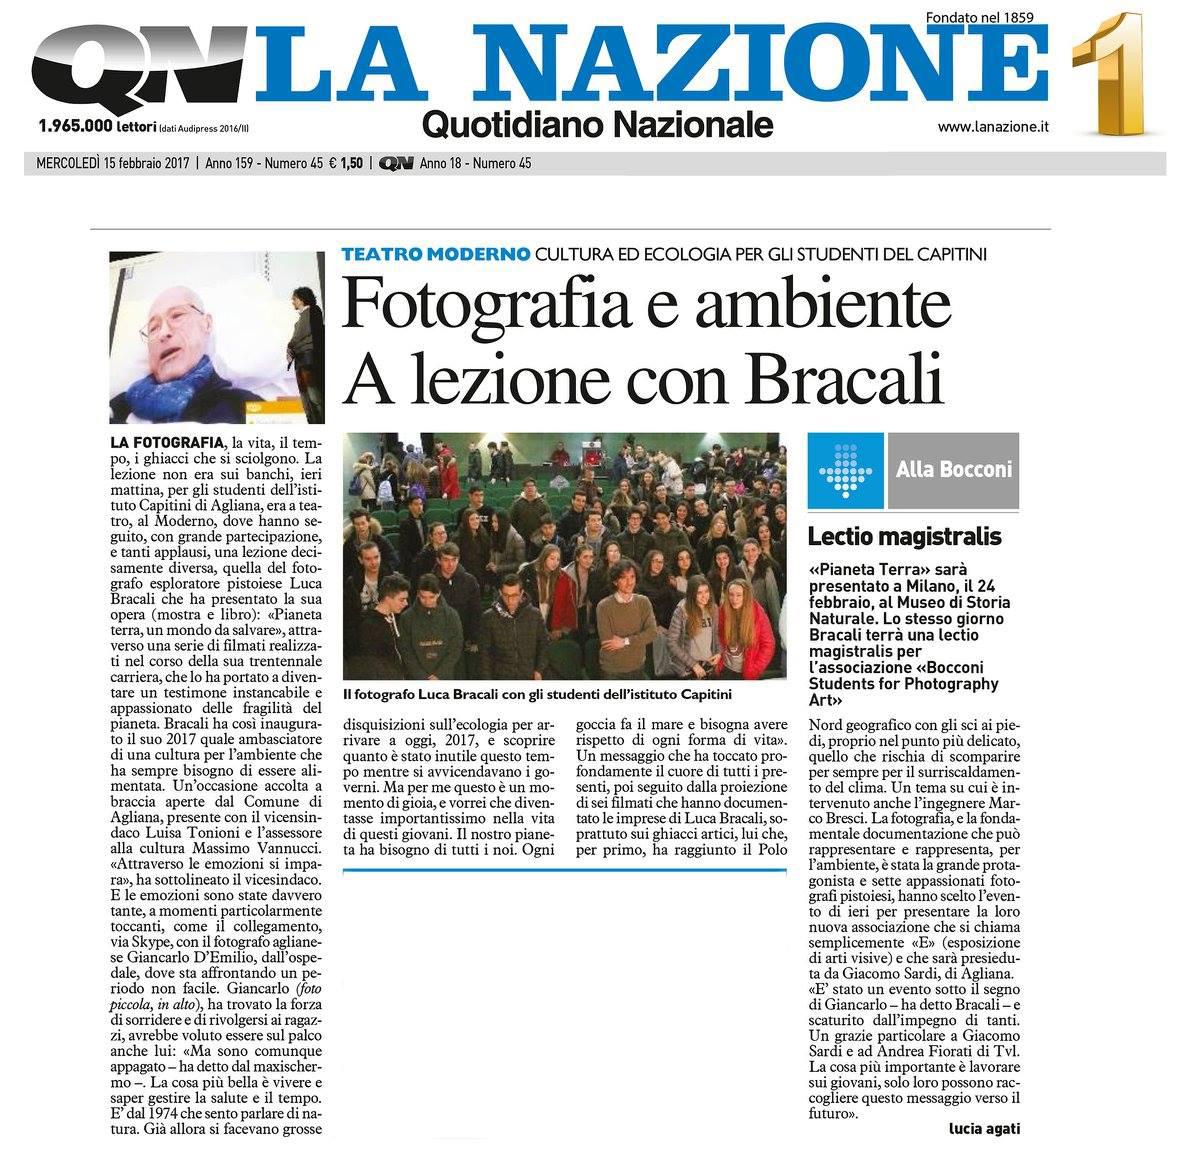 La_Nazione_15_Febbraio_2017_Luca_Bracali